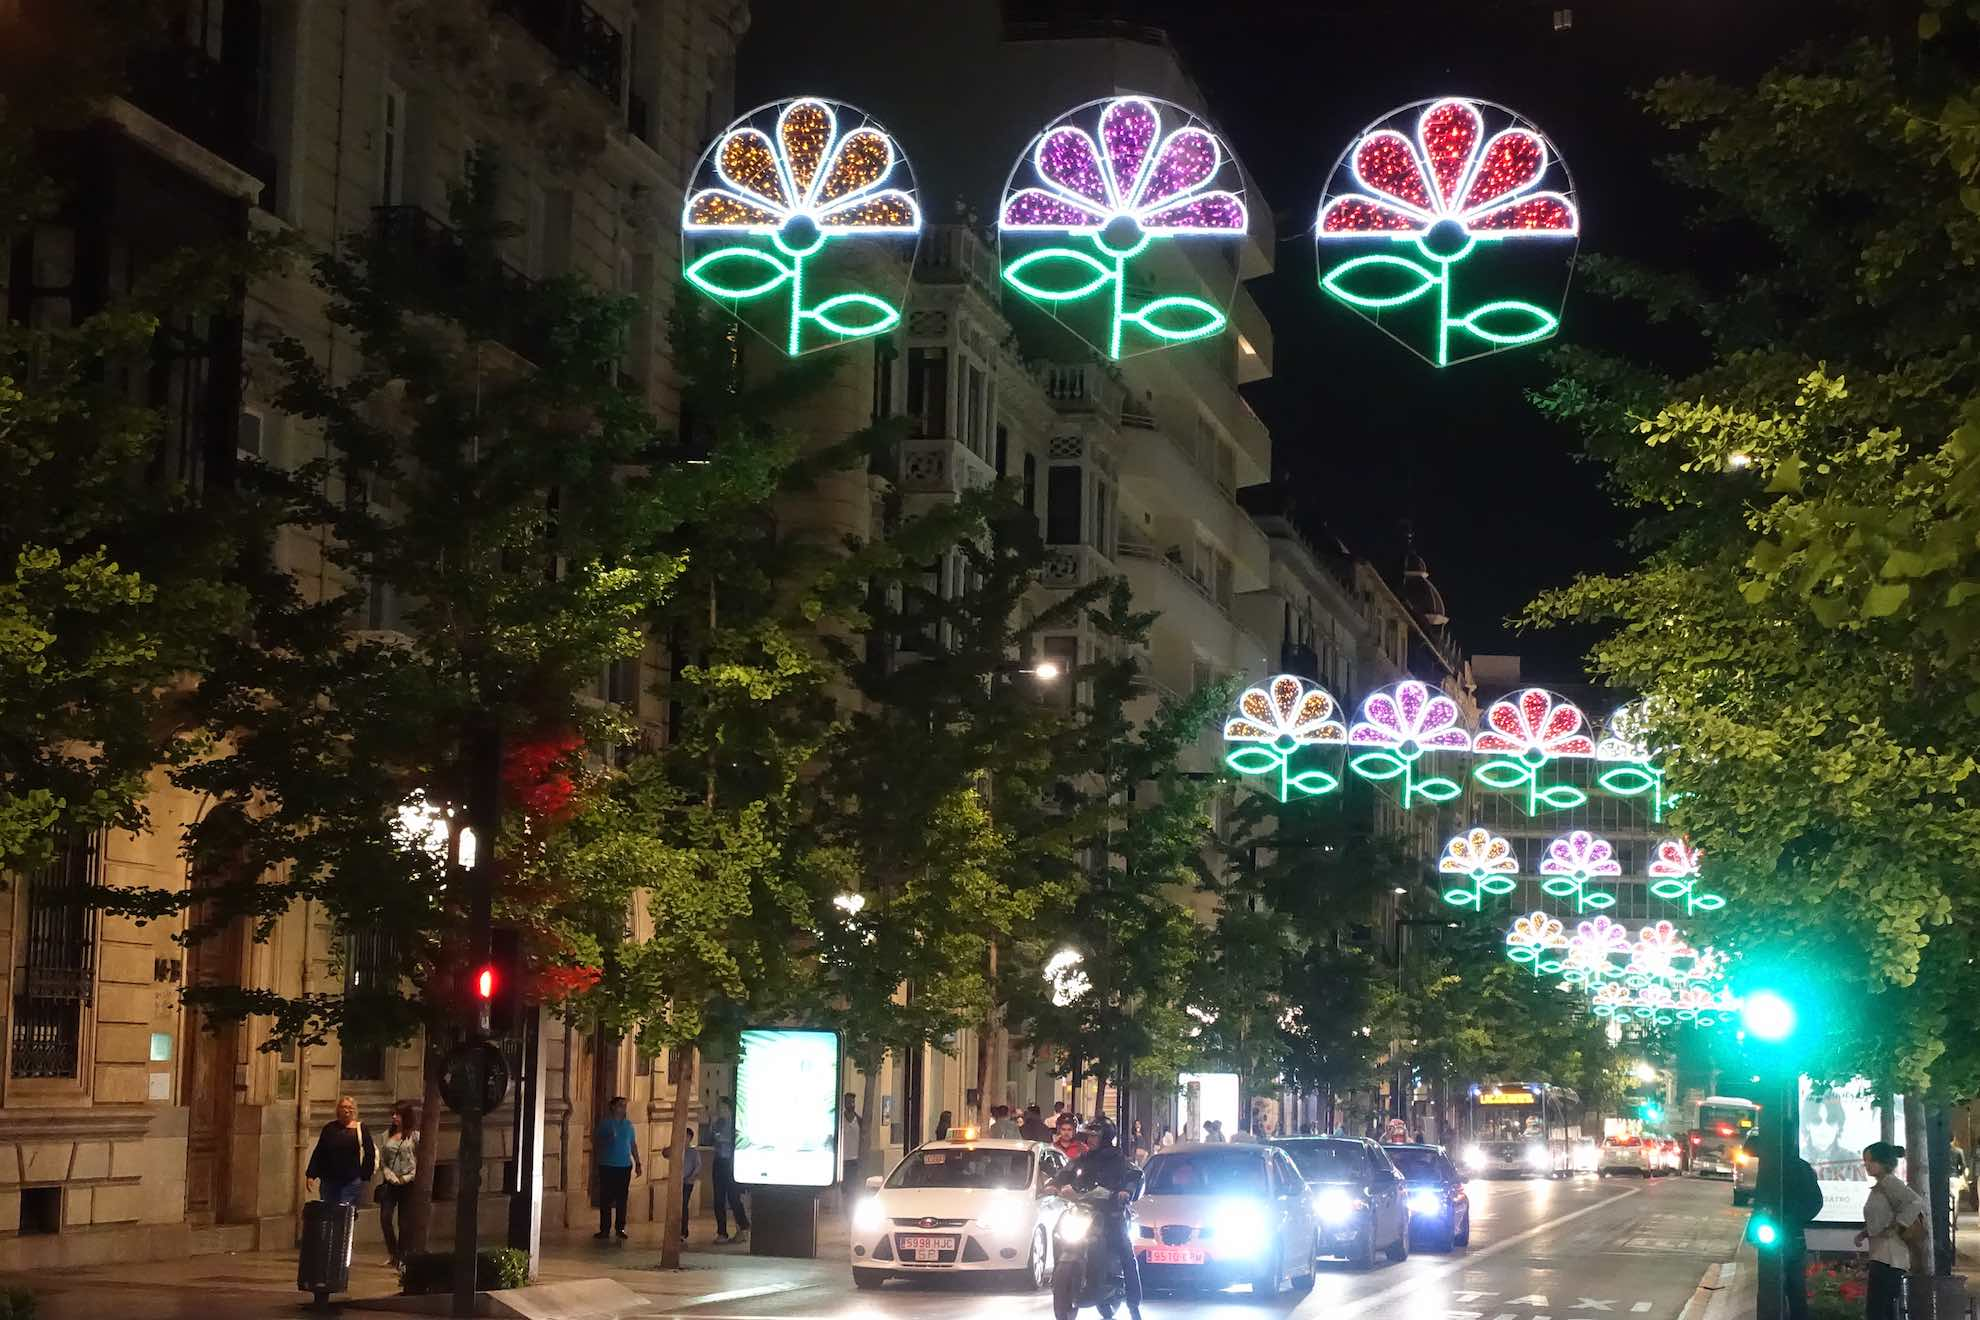 Die Semana Santa, die Pfingstwoche, ist ein besonderes Fest in Spanien.